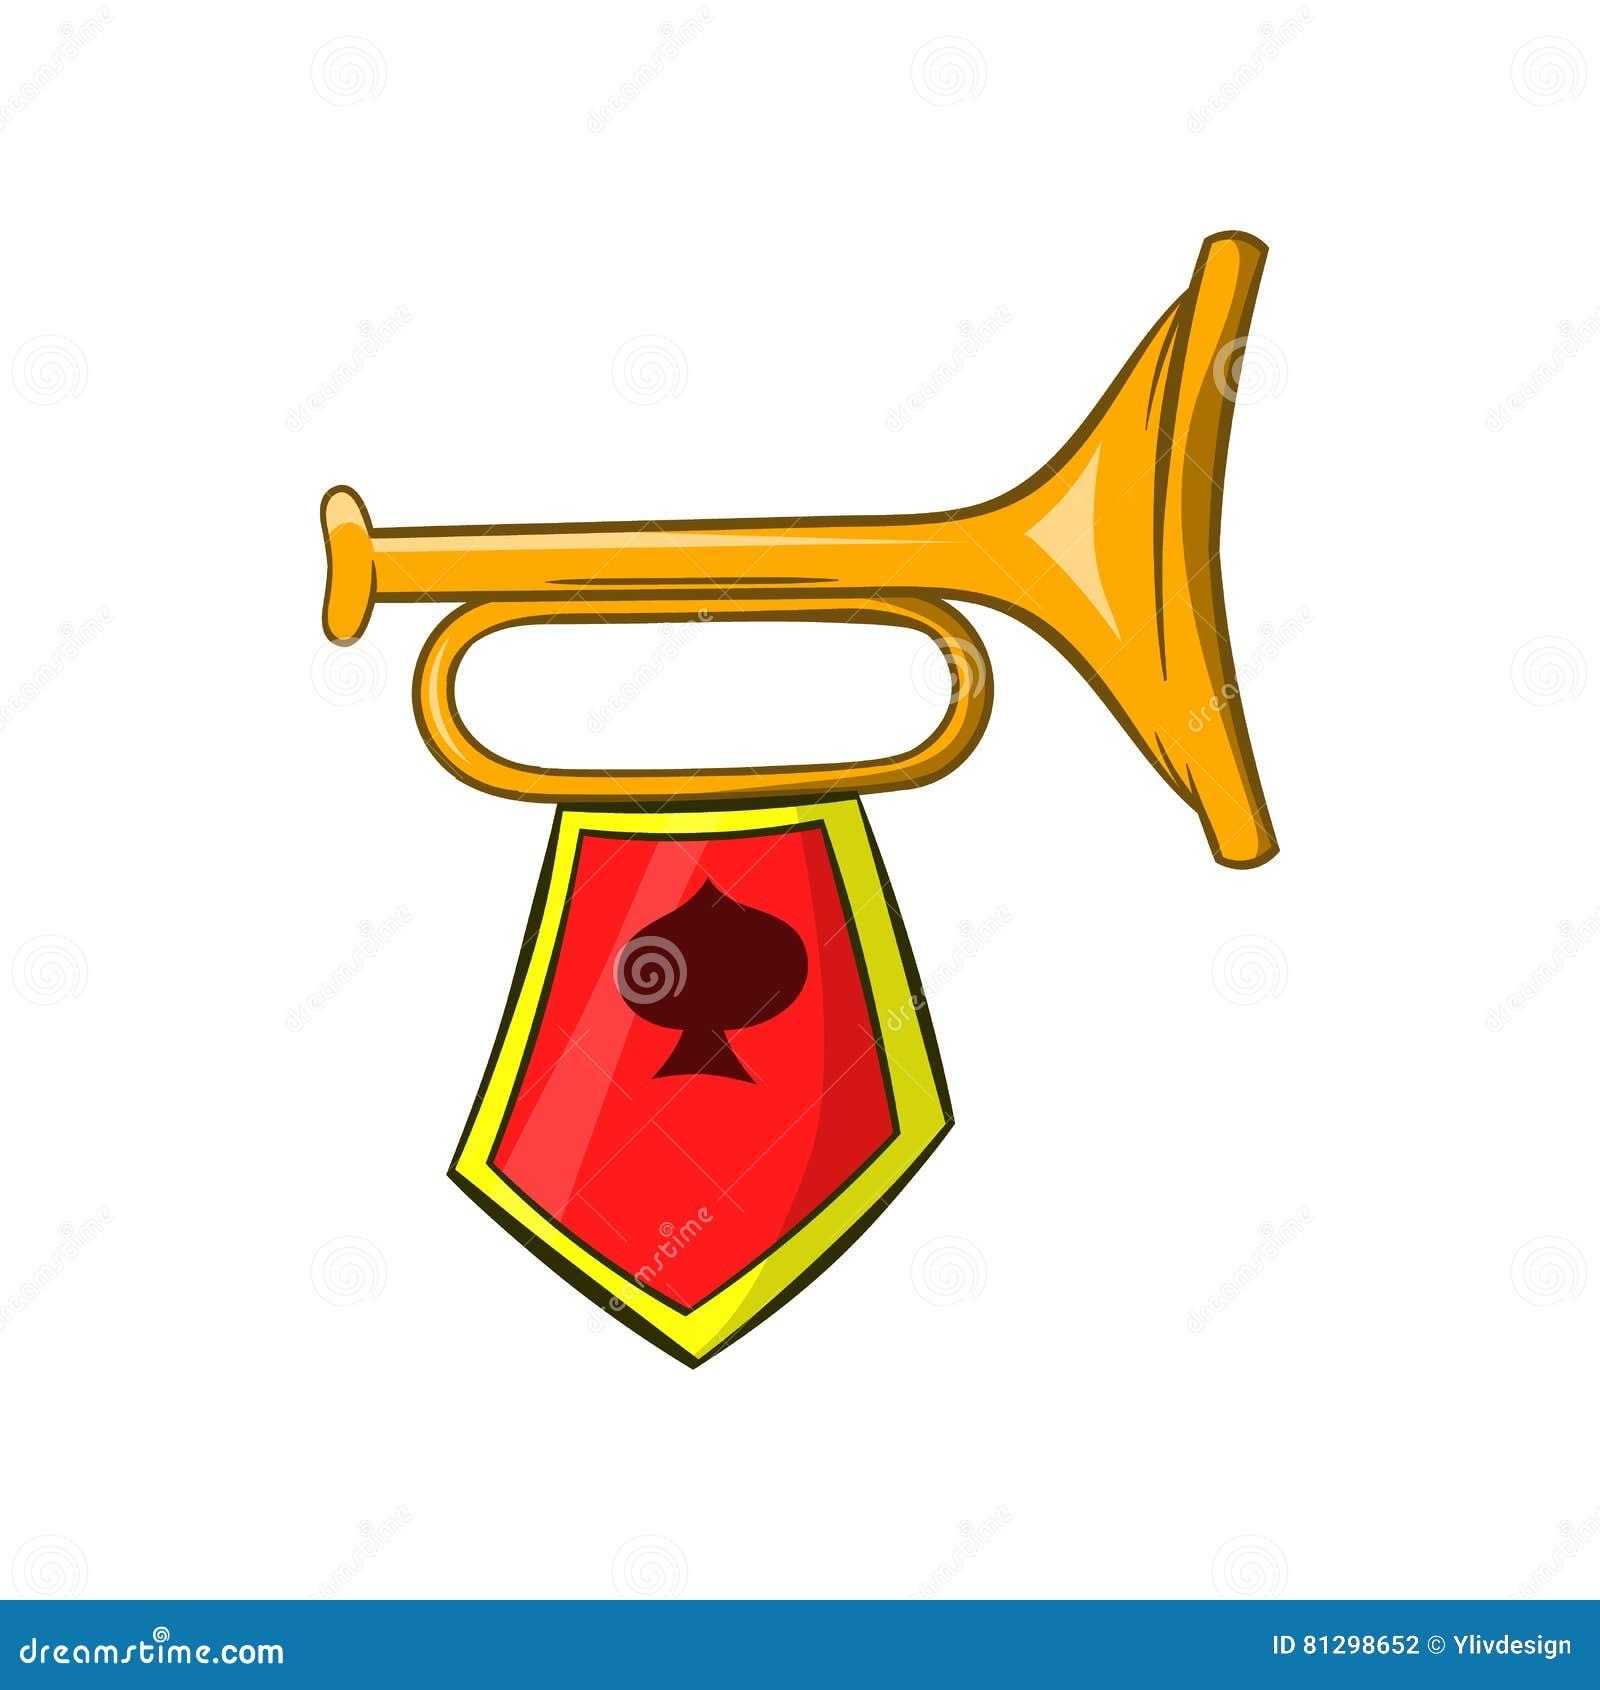 Золотая труба с значком эмблемы революции, стиль шаржа